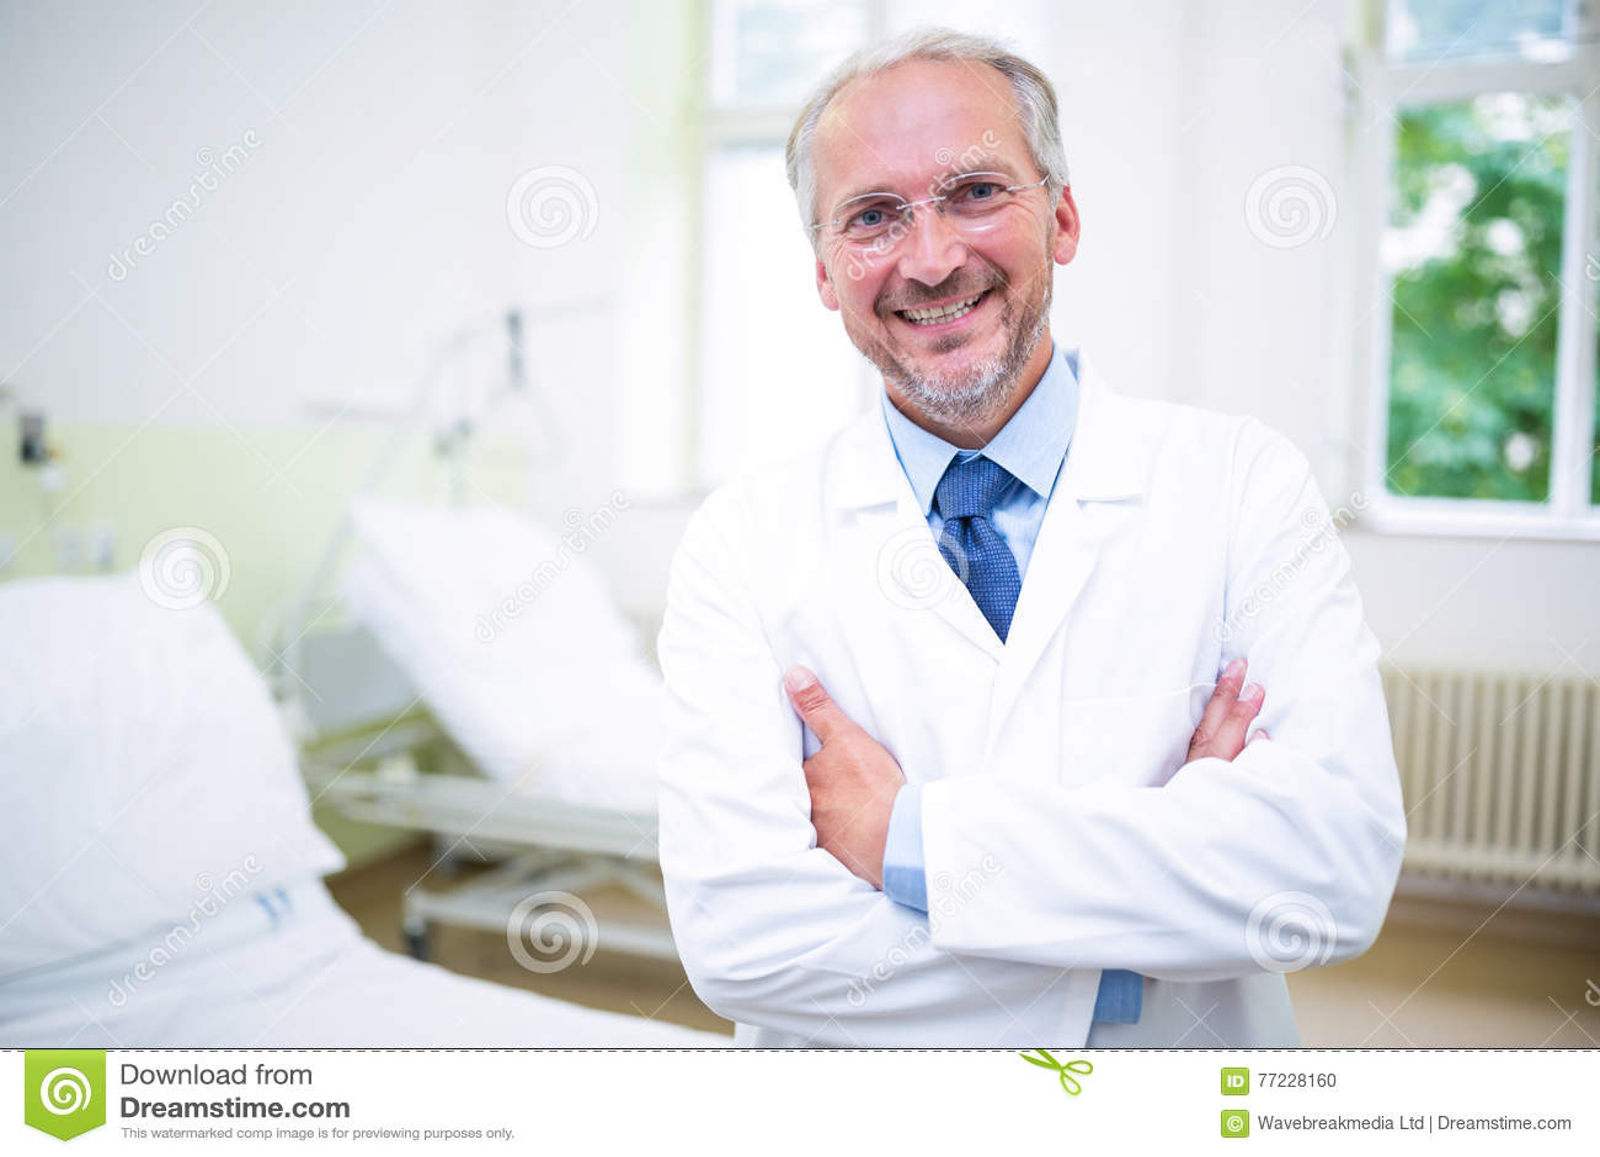 Lächelnder Doktor, der mit den Armen gekreuzt steht